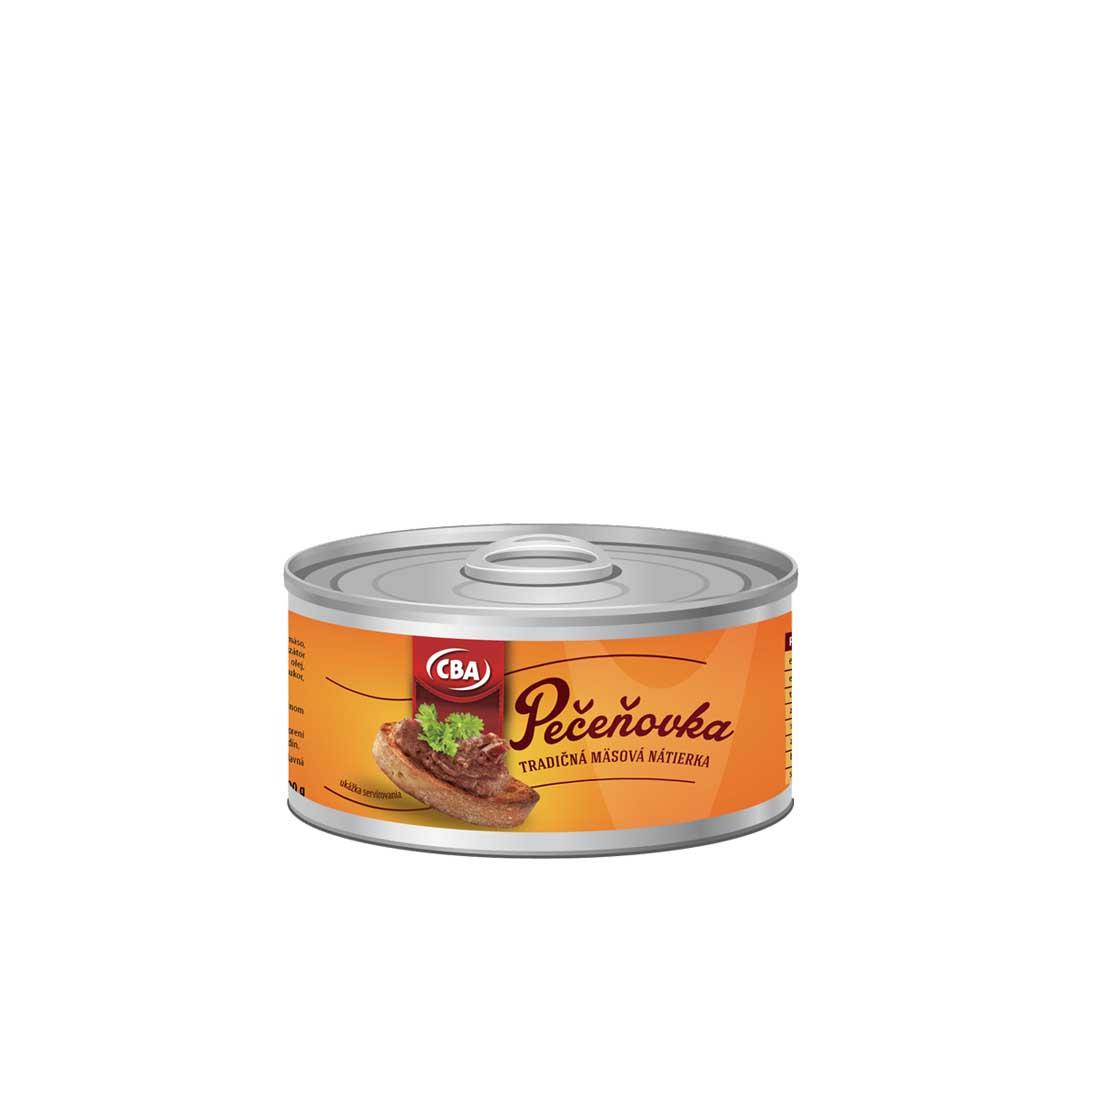 CBA Pečeňovka tradičná mäsová nátierka 190 g